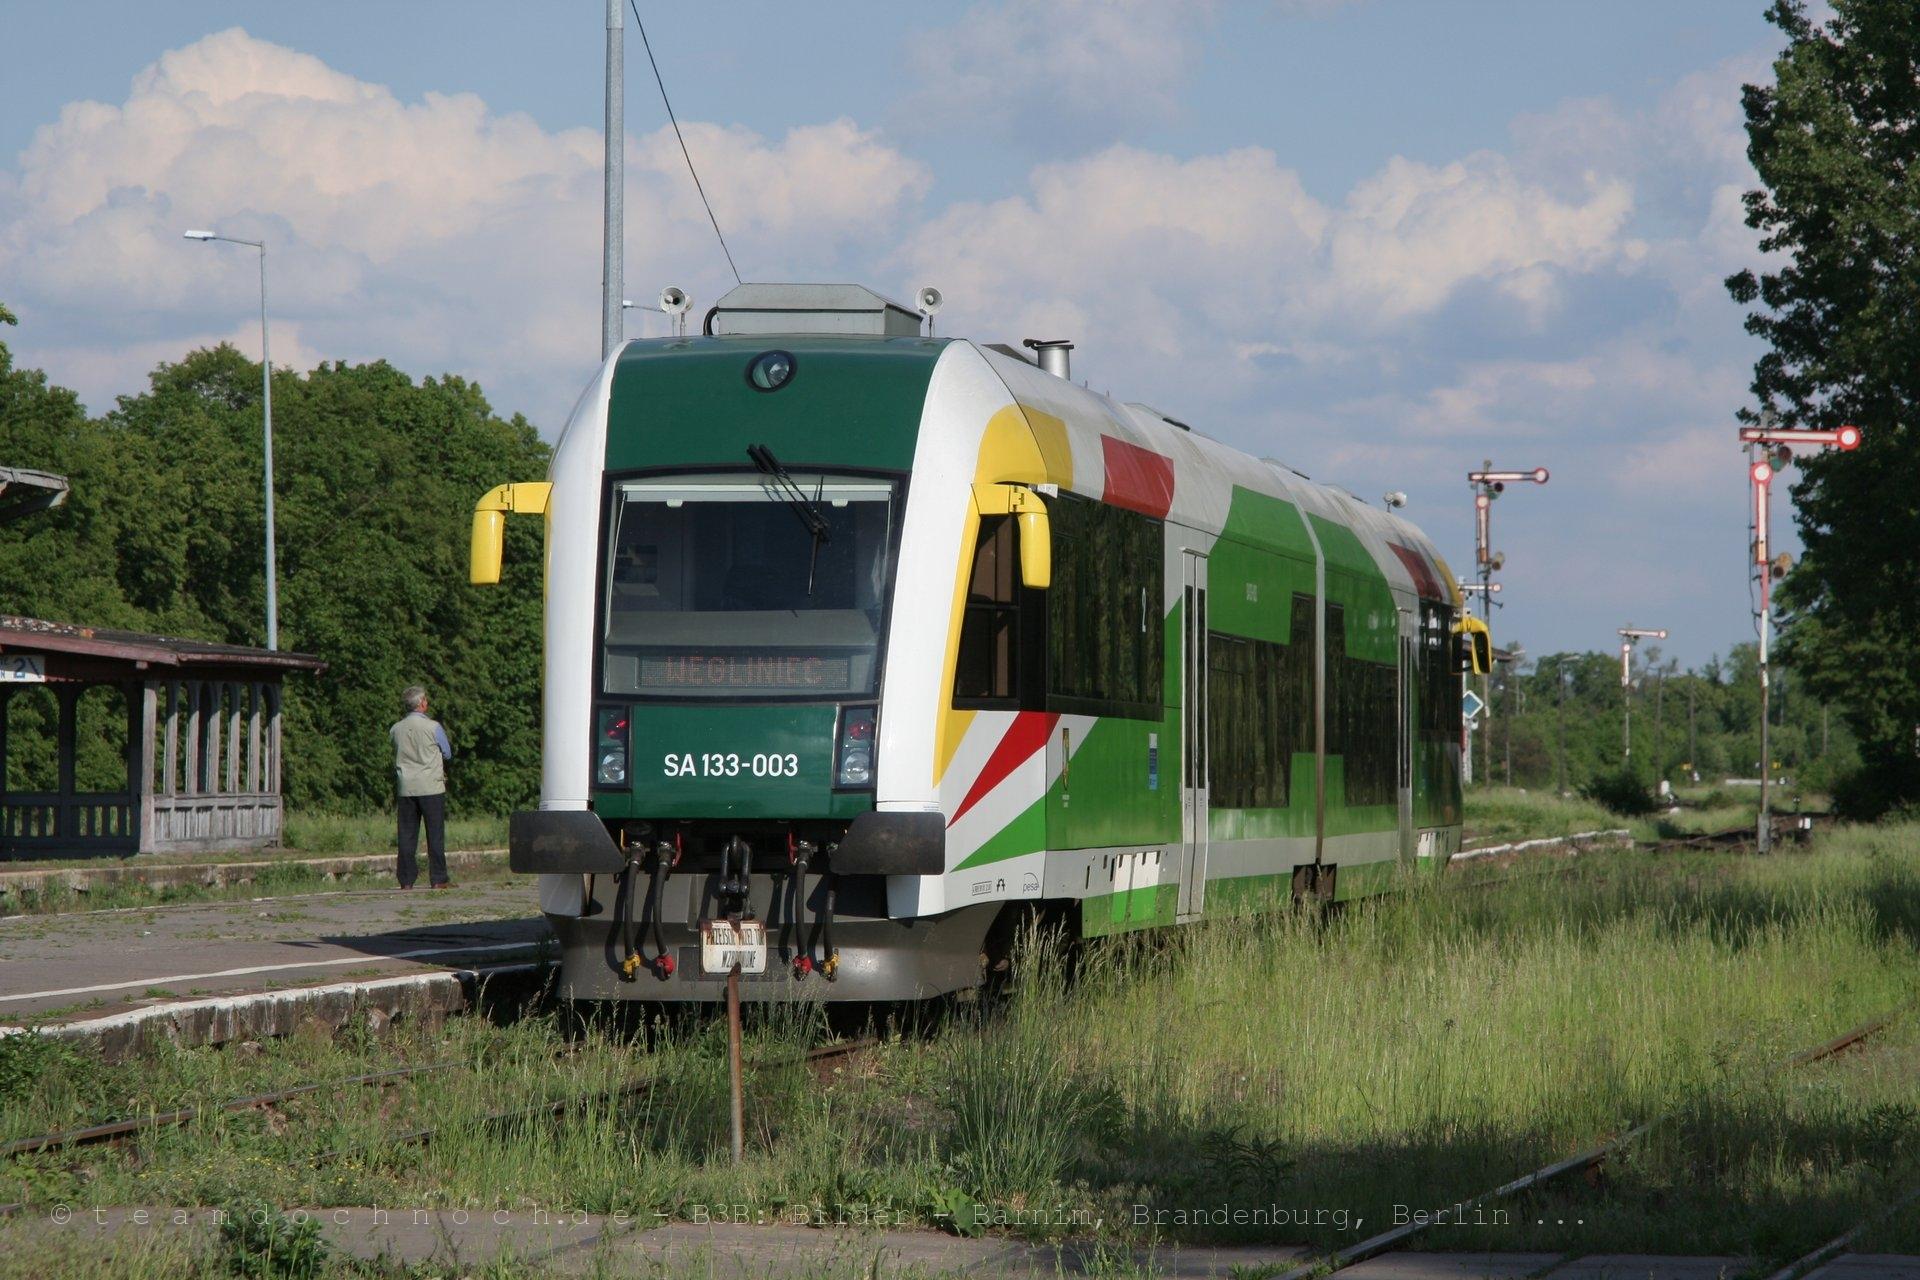 SA133-003 in Zary